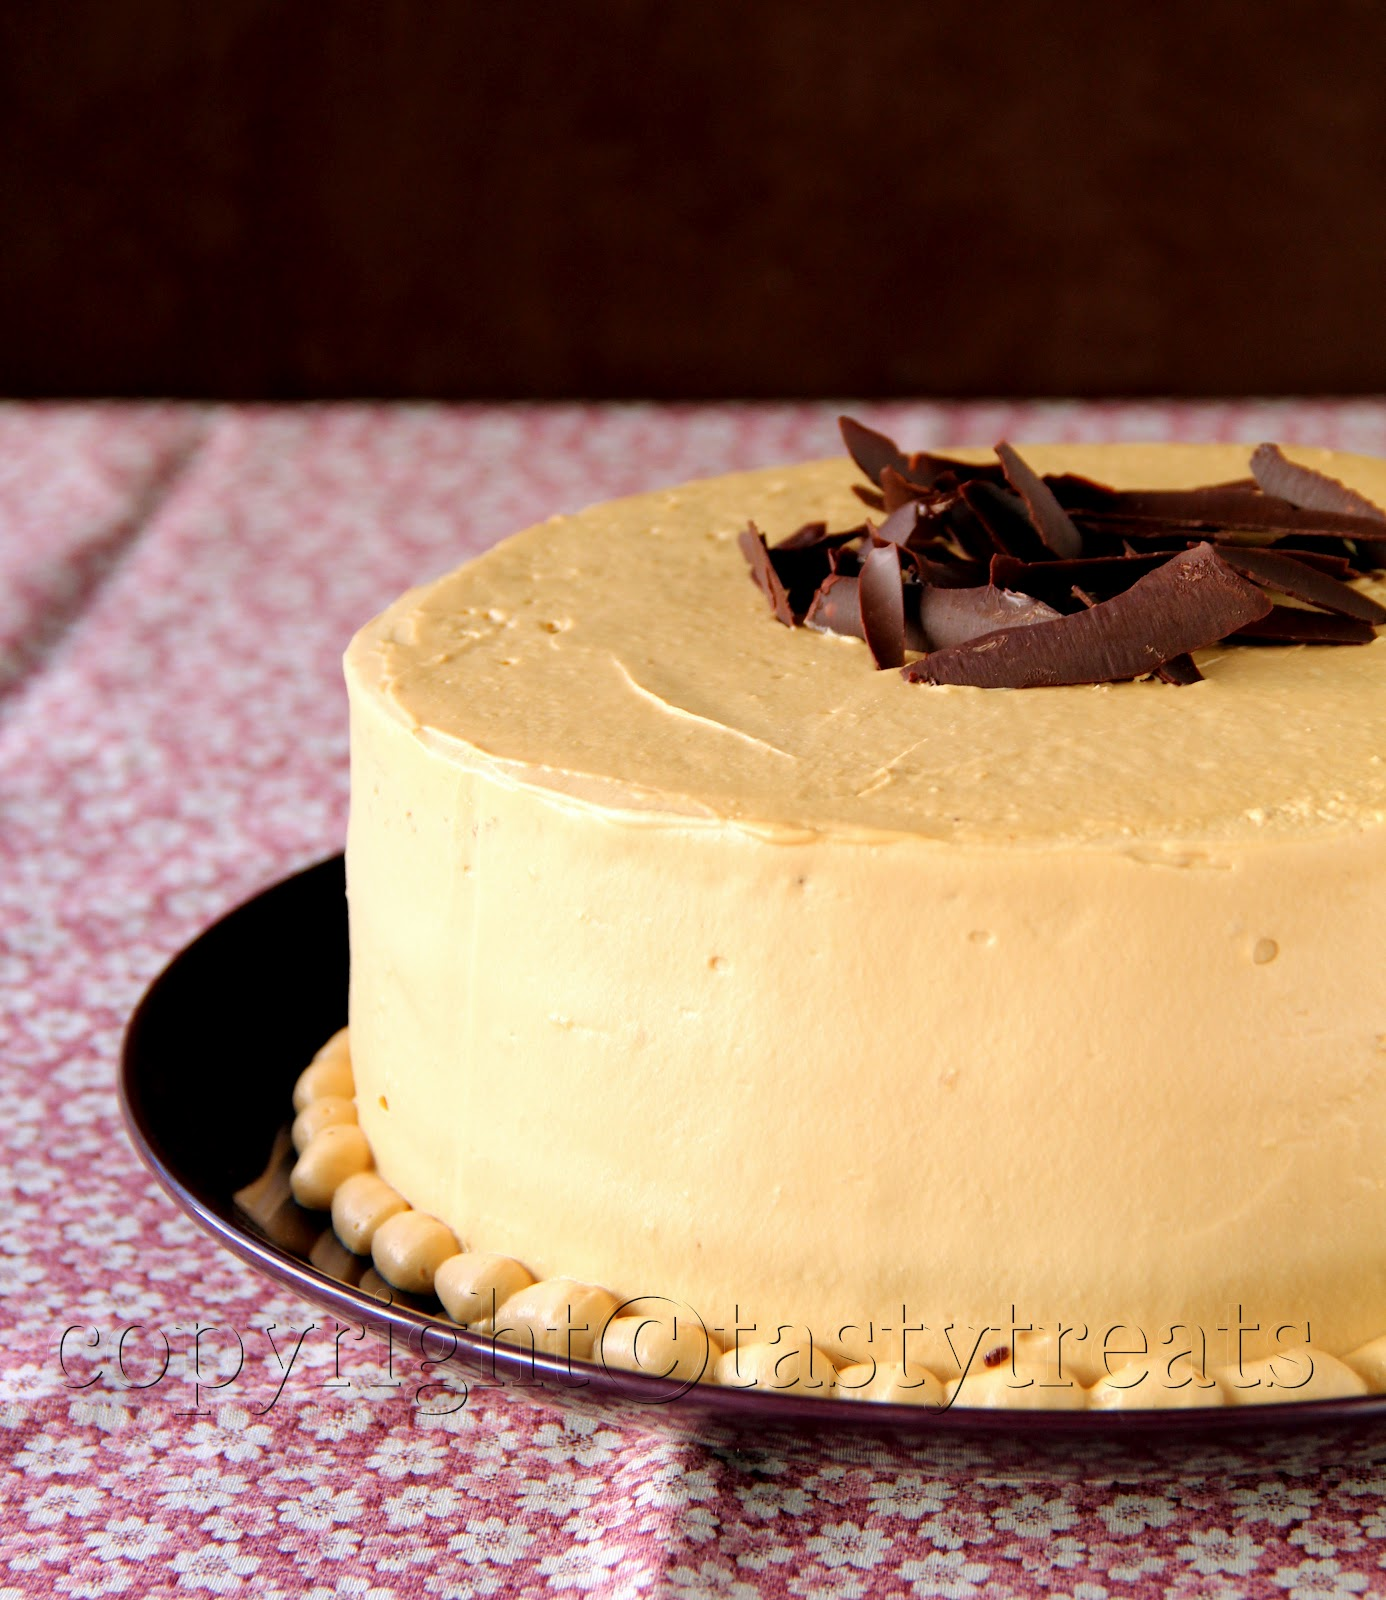 dulce de leche macarons dulce de leche mousse dulce de leche cake with ...